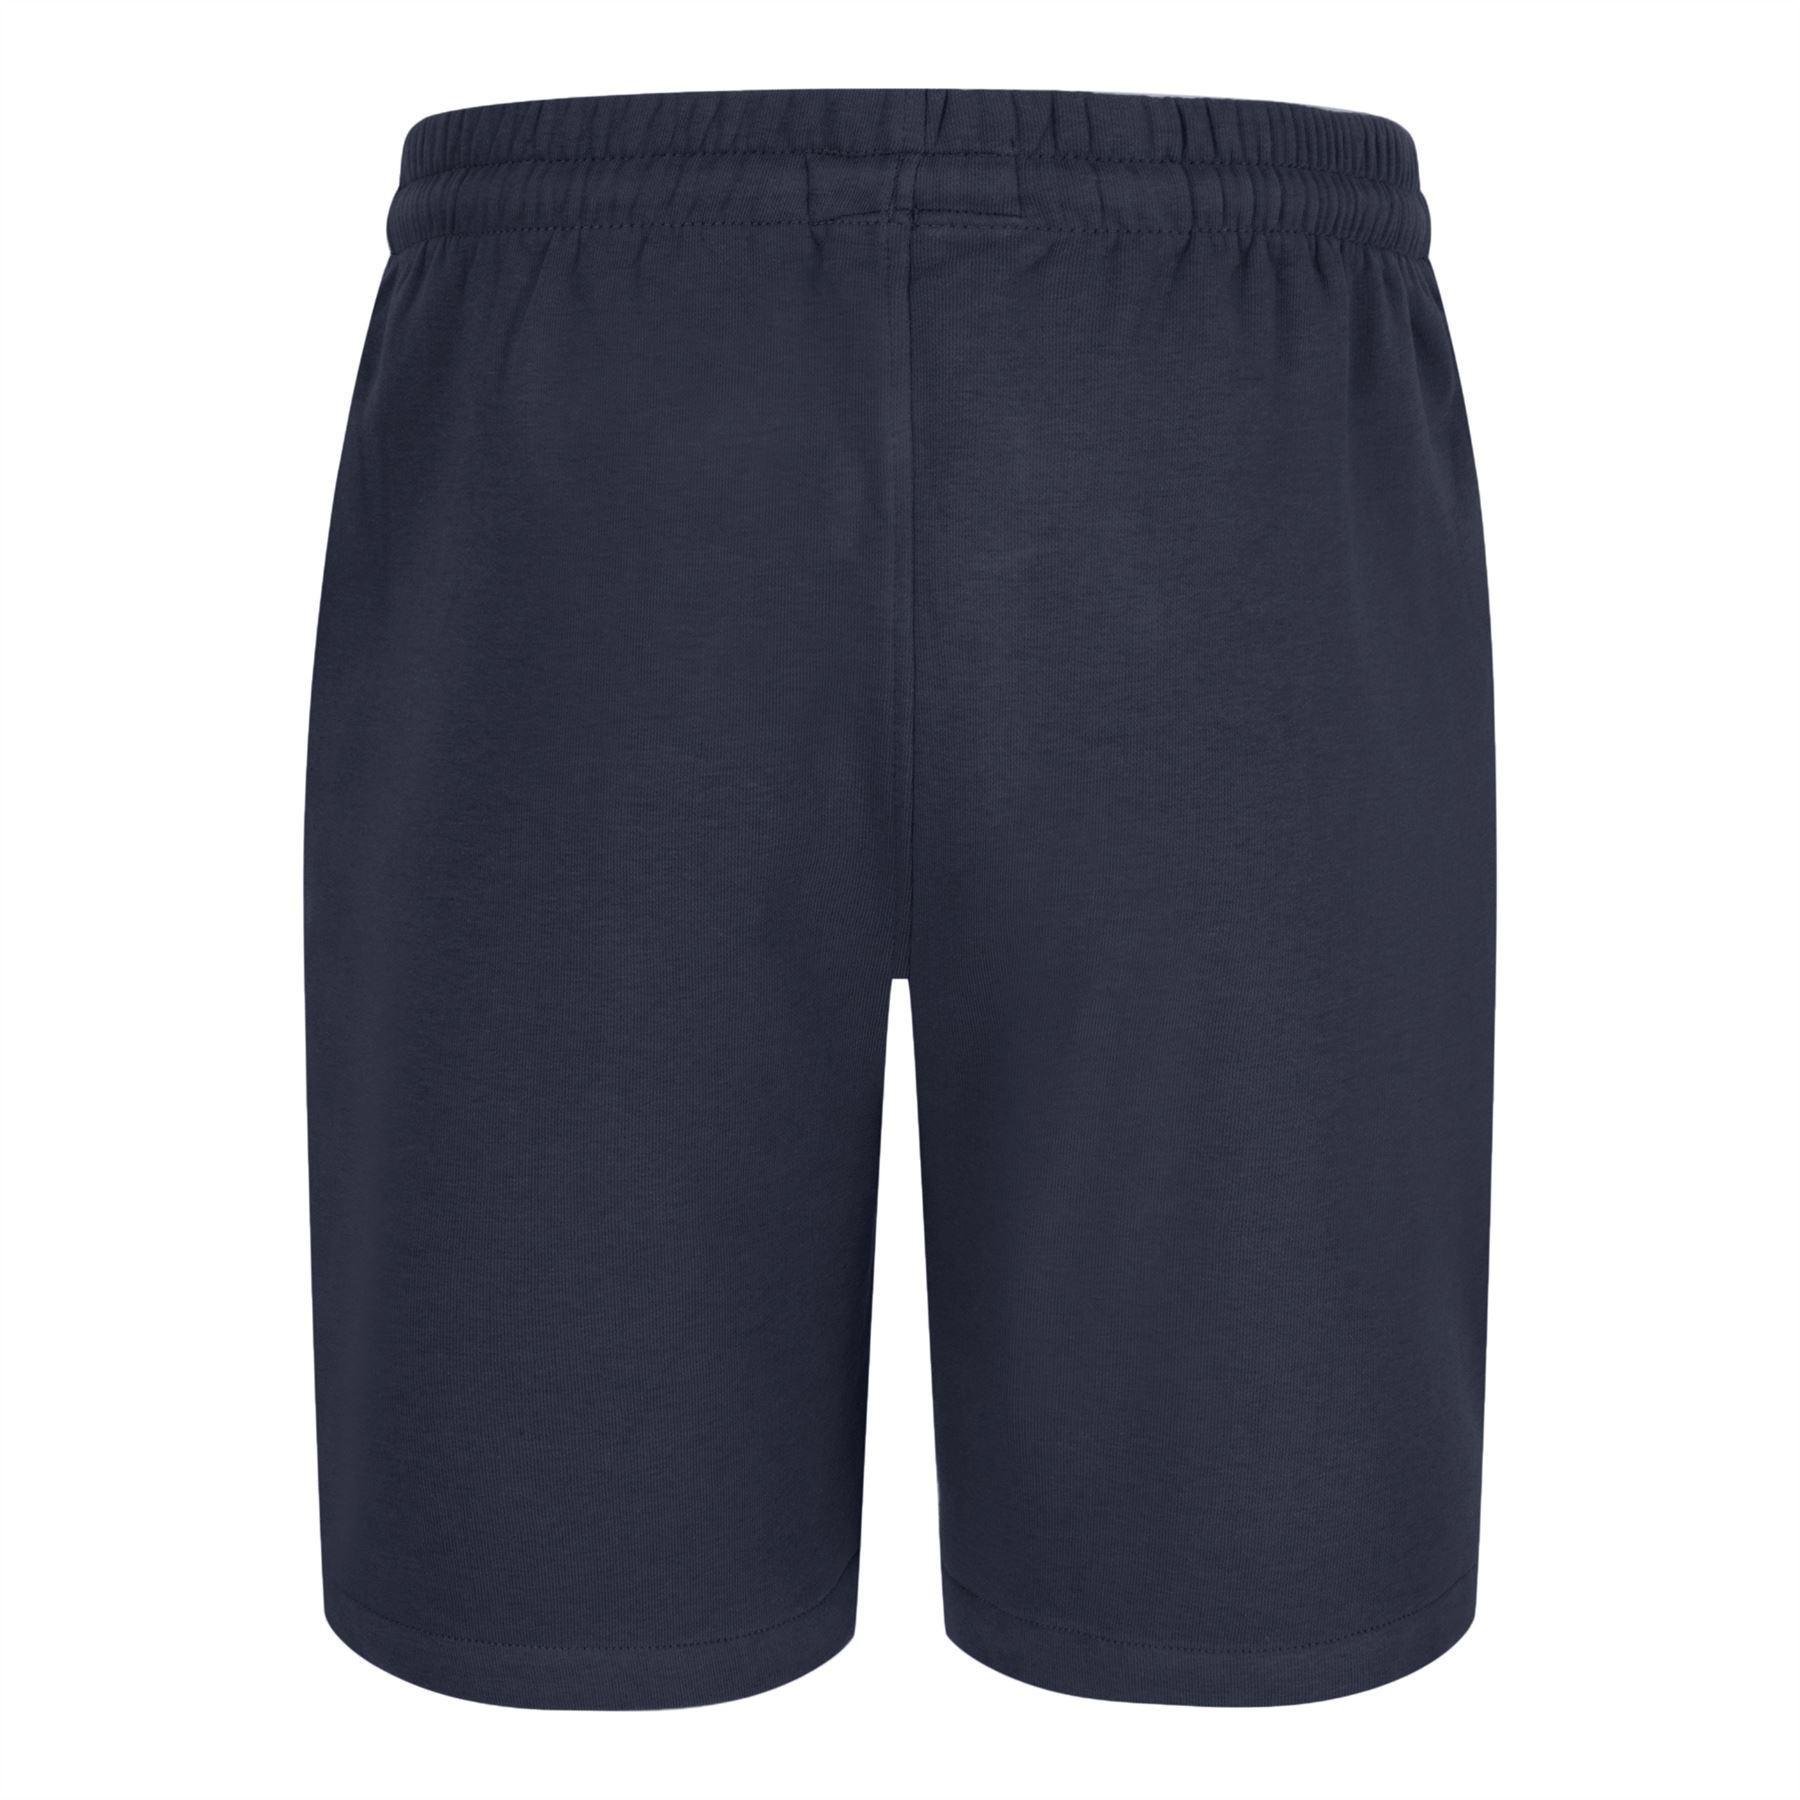 Garcons-Enfants-Jersey-Short-En-Coton-Ete-Decontracte-Premium-taille-elastique-Plage-Ete miniature 9